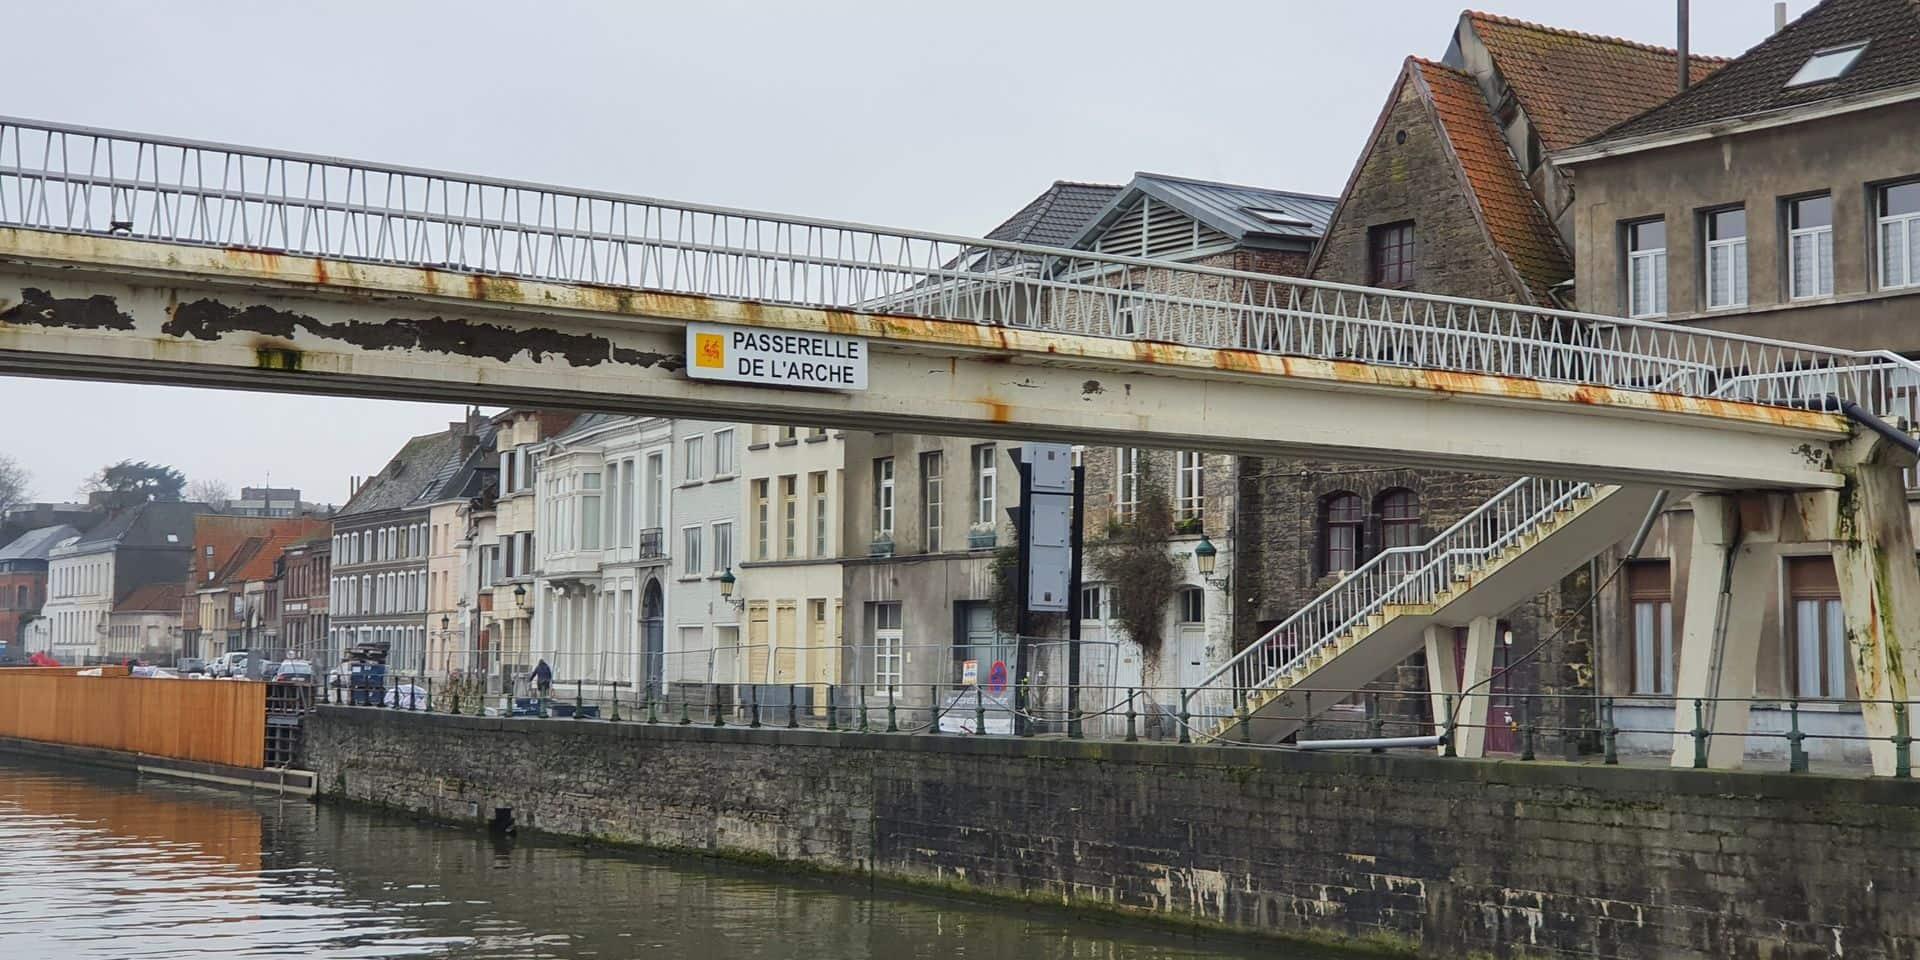 Le projet de la passerelle de l'Arche se concrétise à Tournai